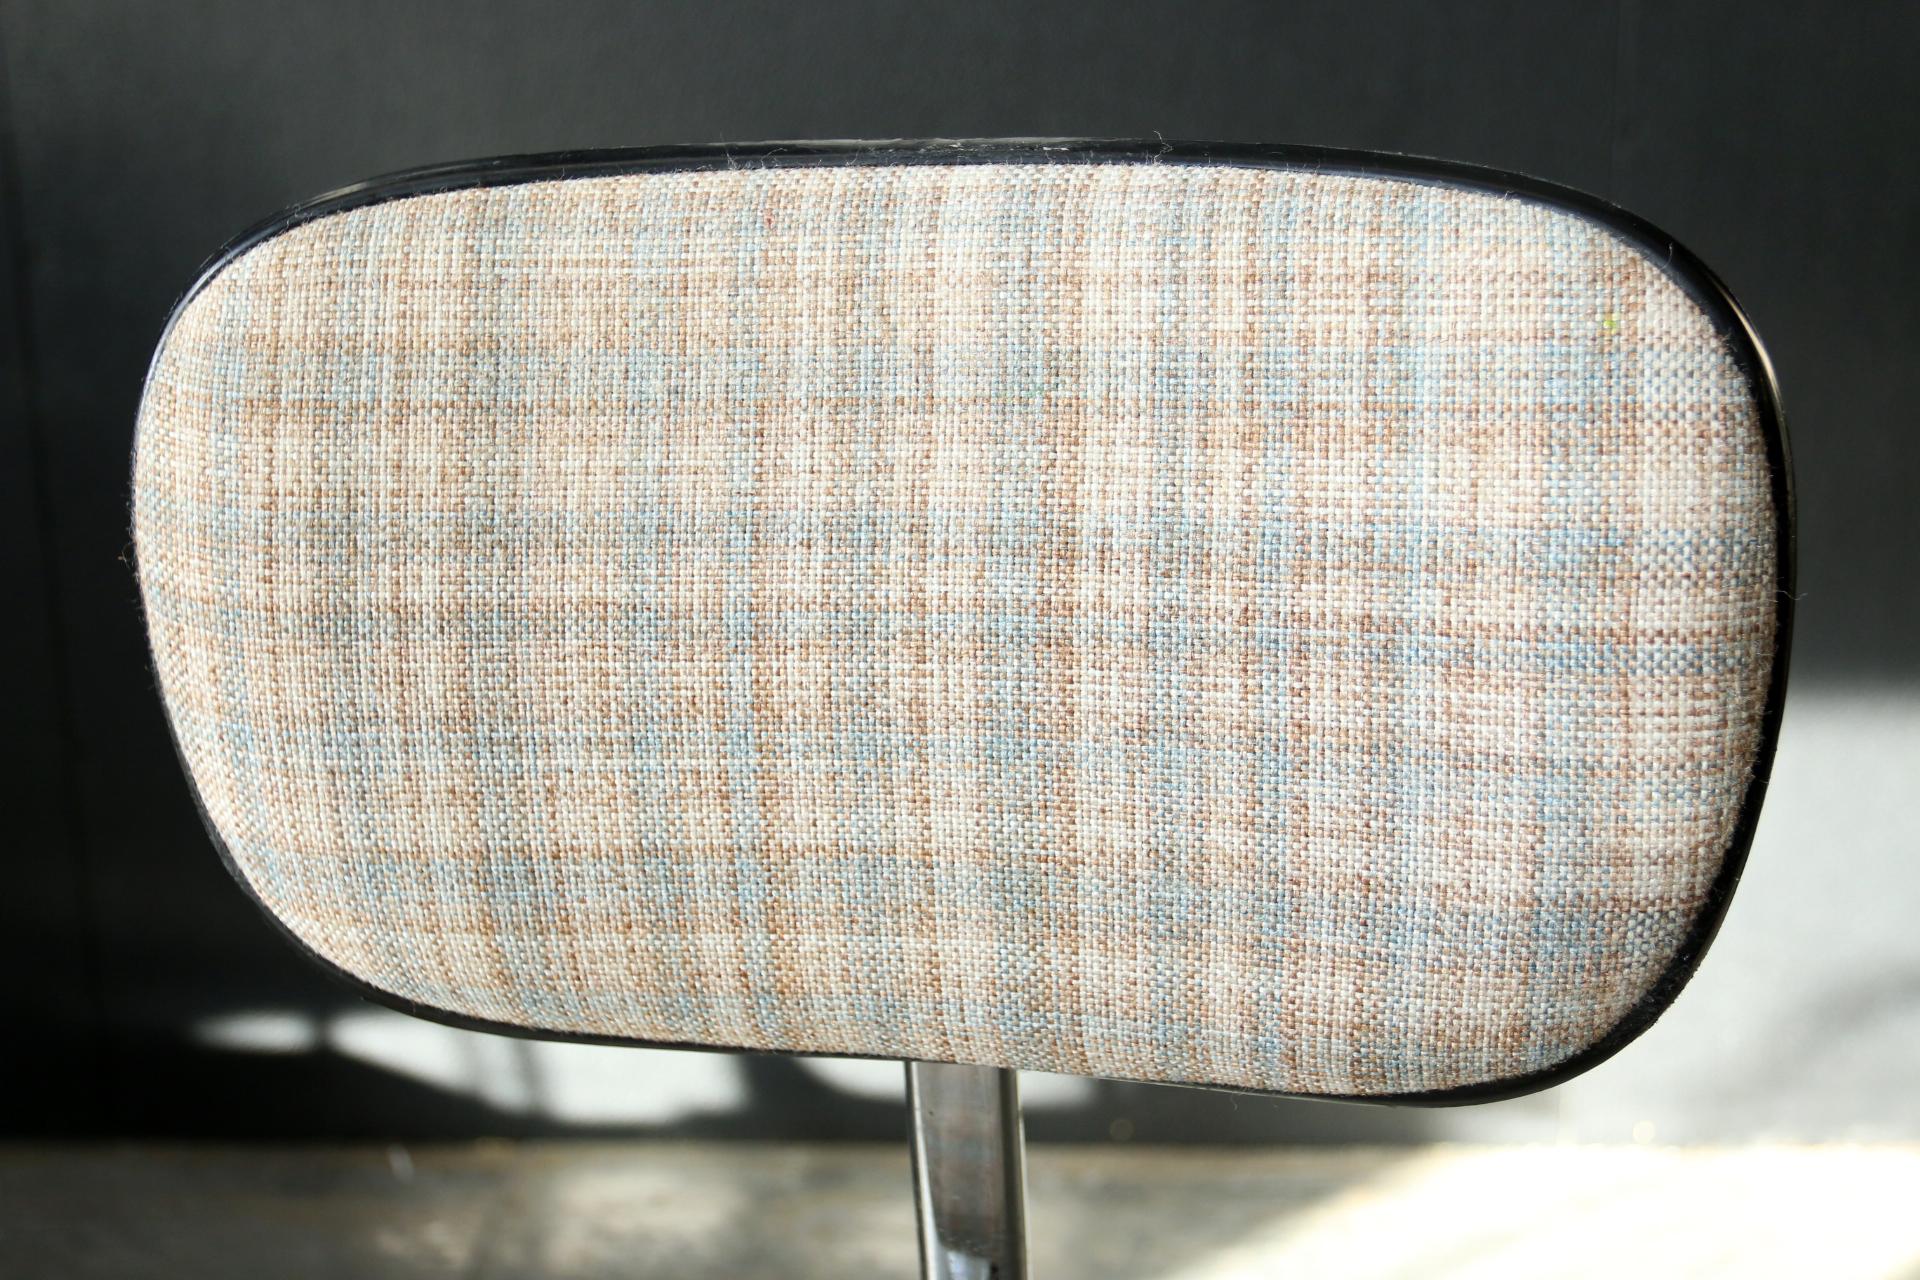 Originele Gispen Bureaustoel.Retro Vintage Gispen Bureaustoel Op Wielen Dehuiszwaluw